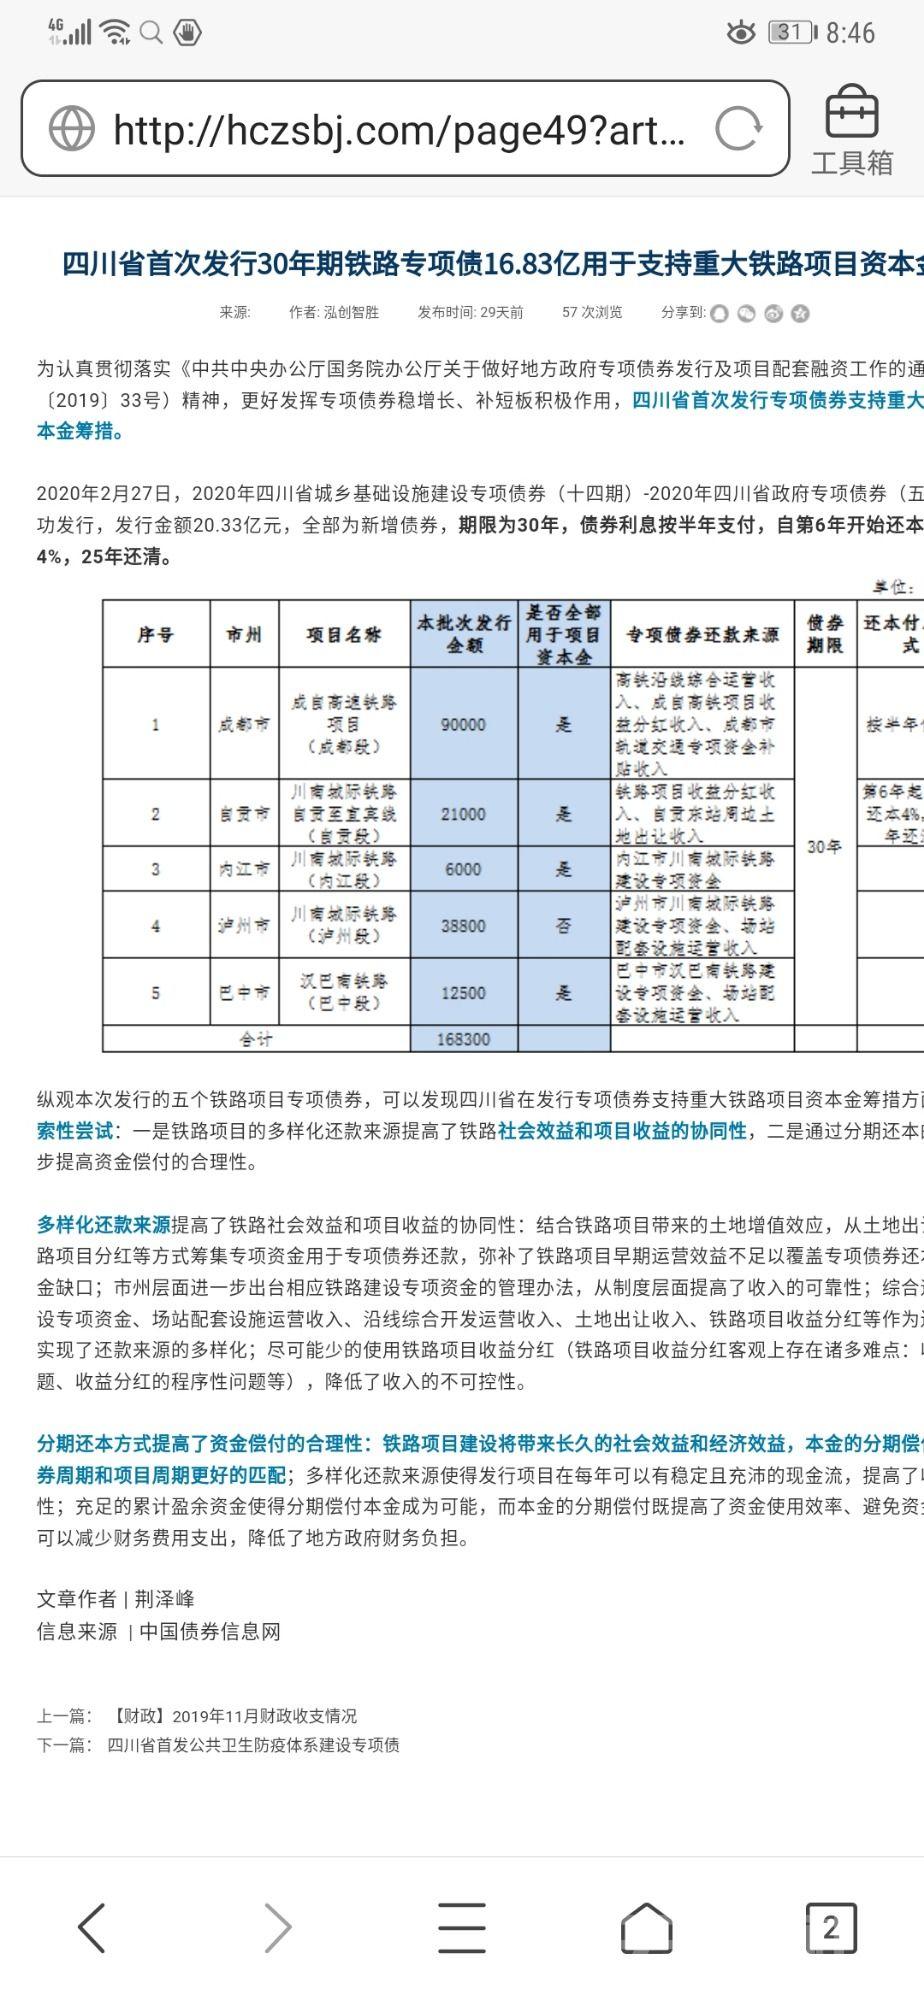 Screenshot_20200327_204614_com.tencent.mtt.jpg